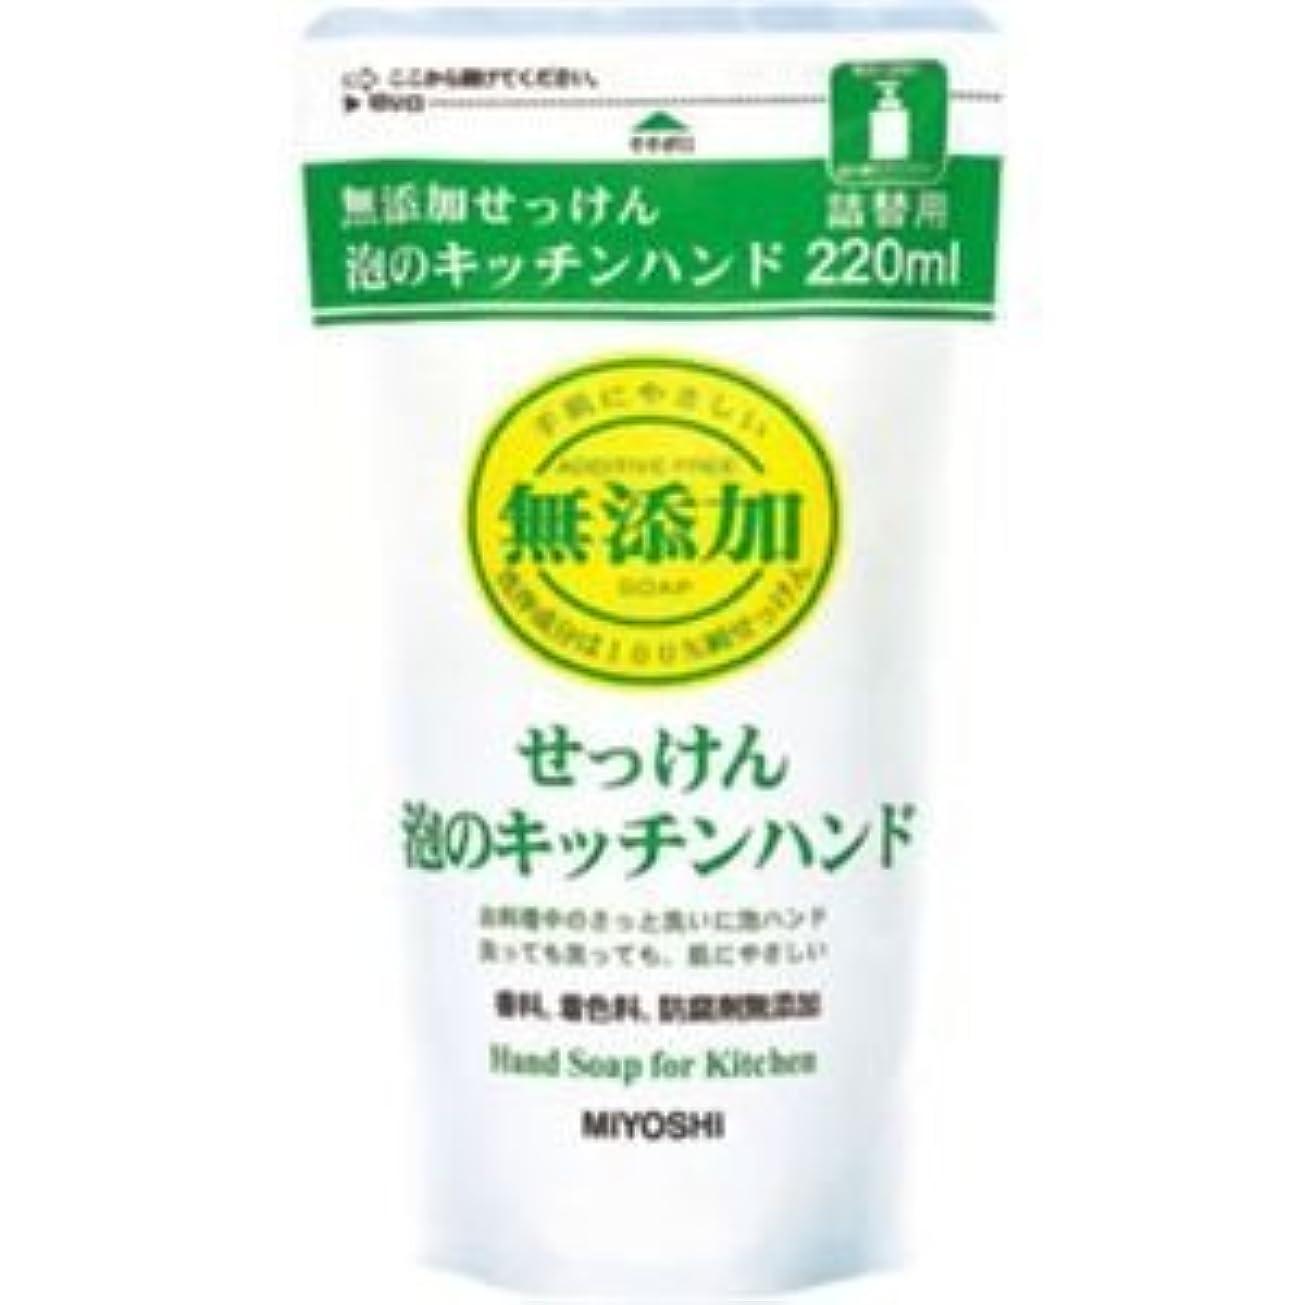 終わった未知の外国人ミヨシ 無添加 キッチンハンドソープ つめかえ用 220ml(無添加石鹸) 14セット